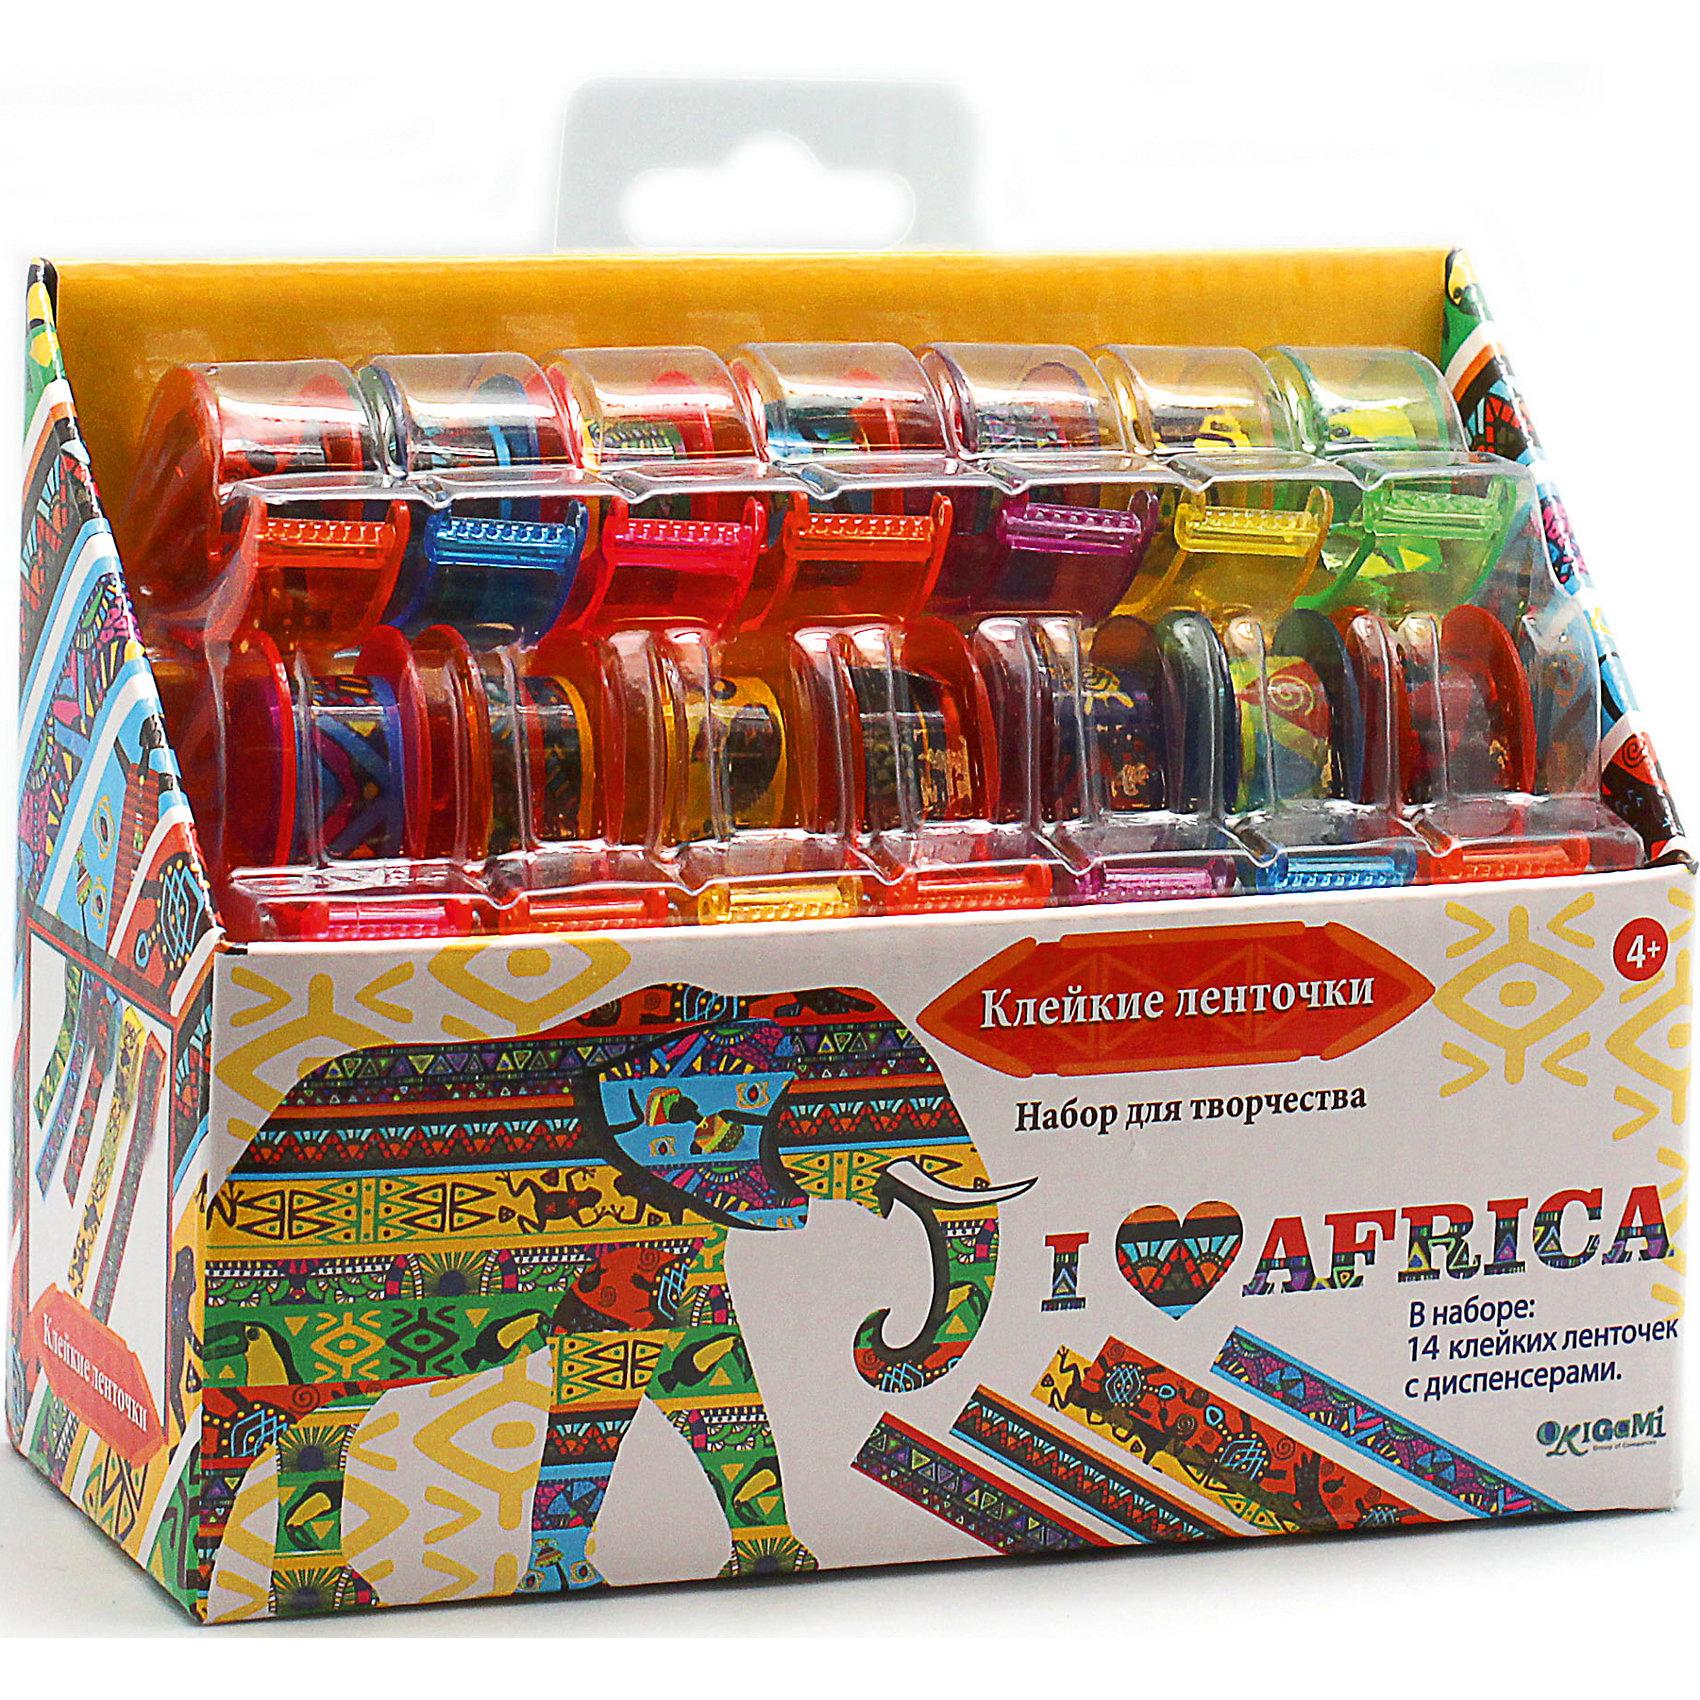 Чудо-Творчество Я люблю Африку Большой набор для творчества с клейкими ленточками.